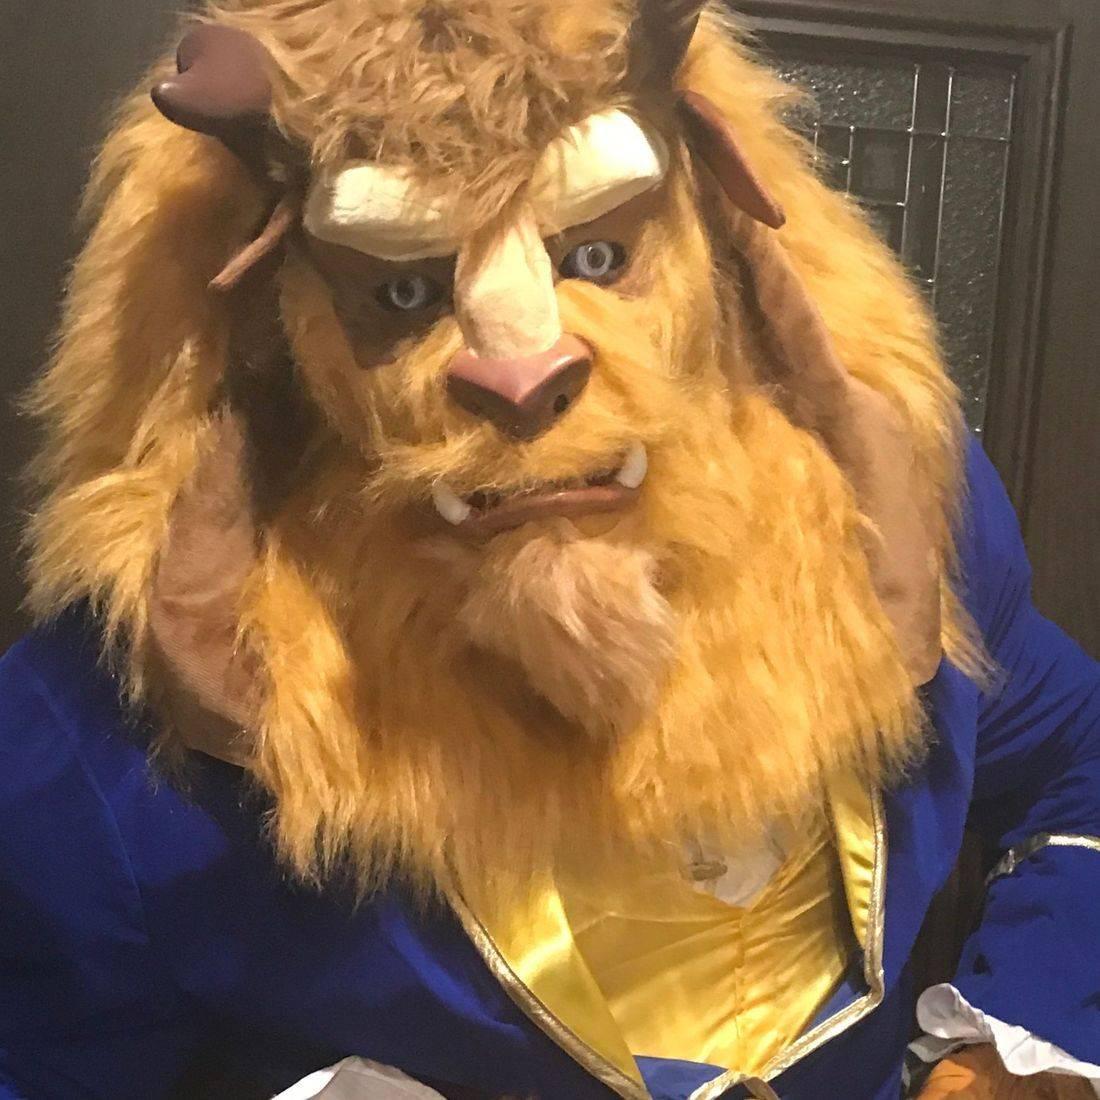 Furry monster beast in blue jacket in front of a door.